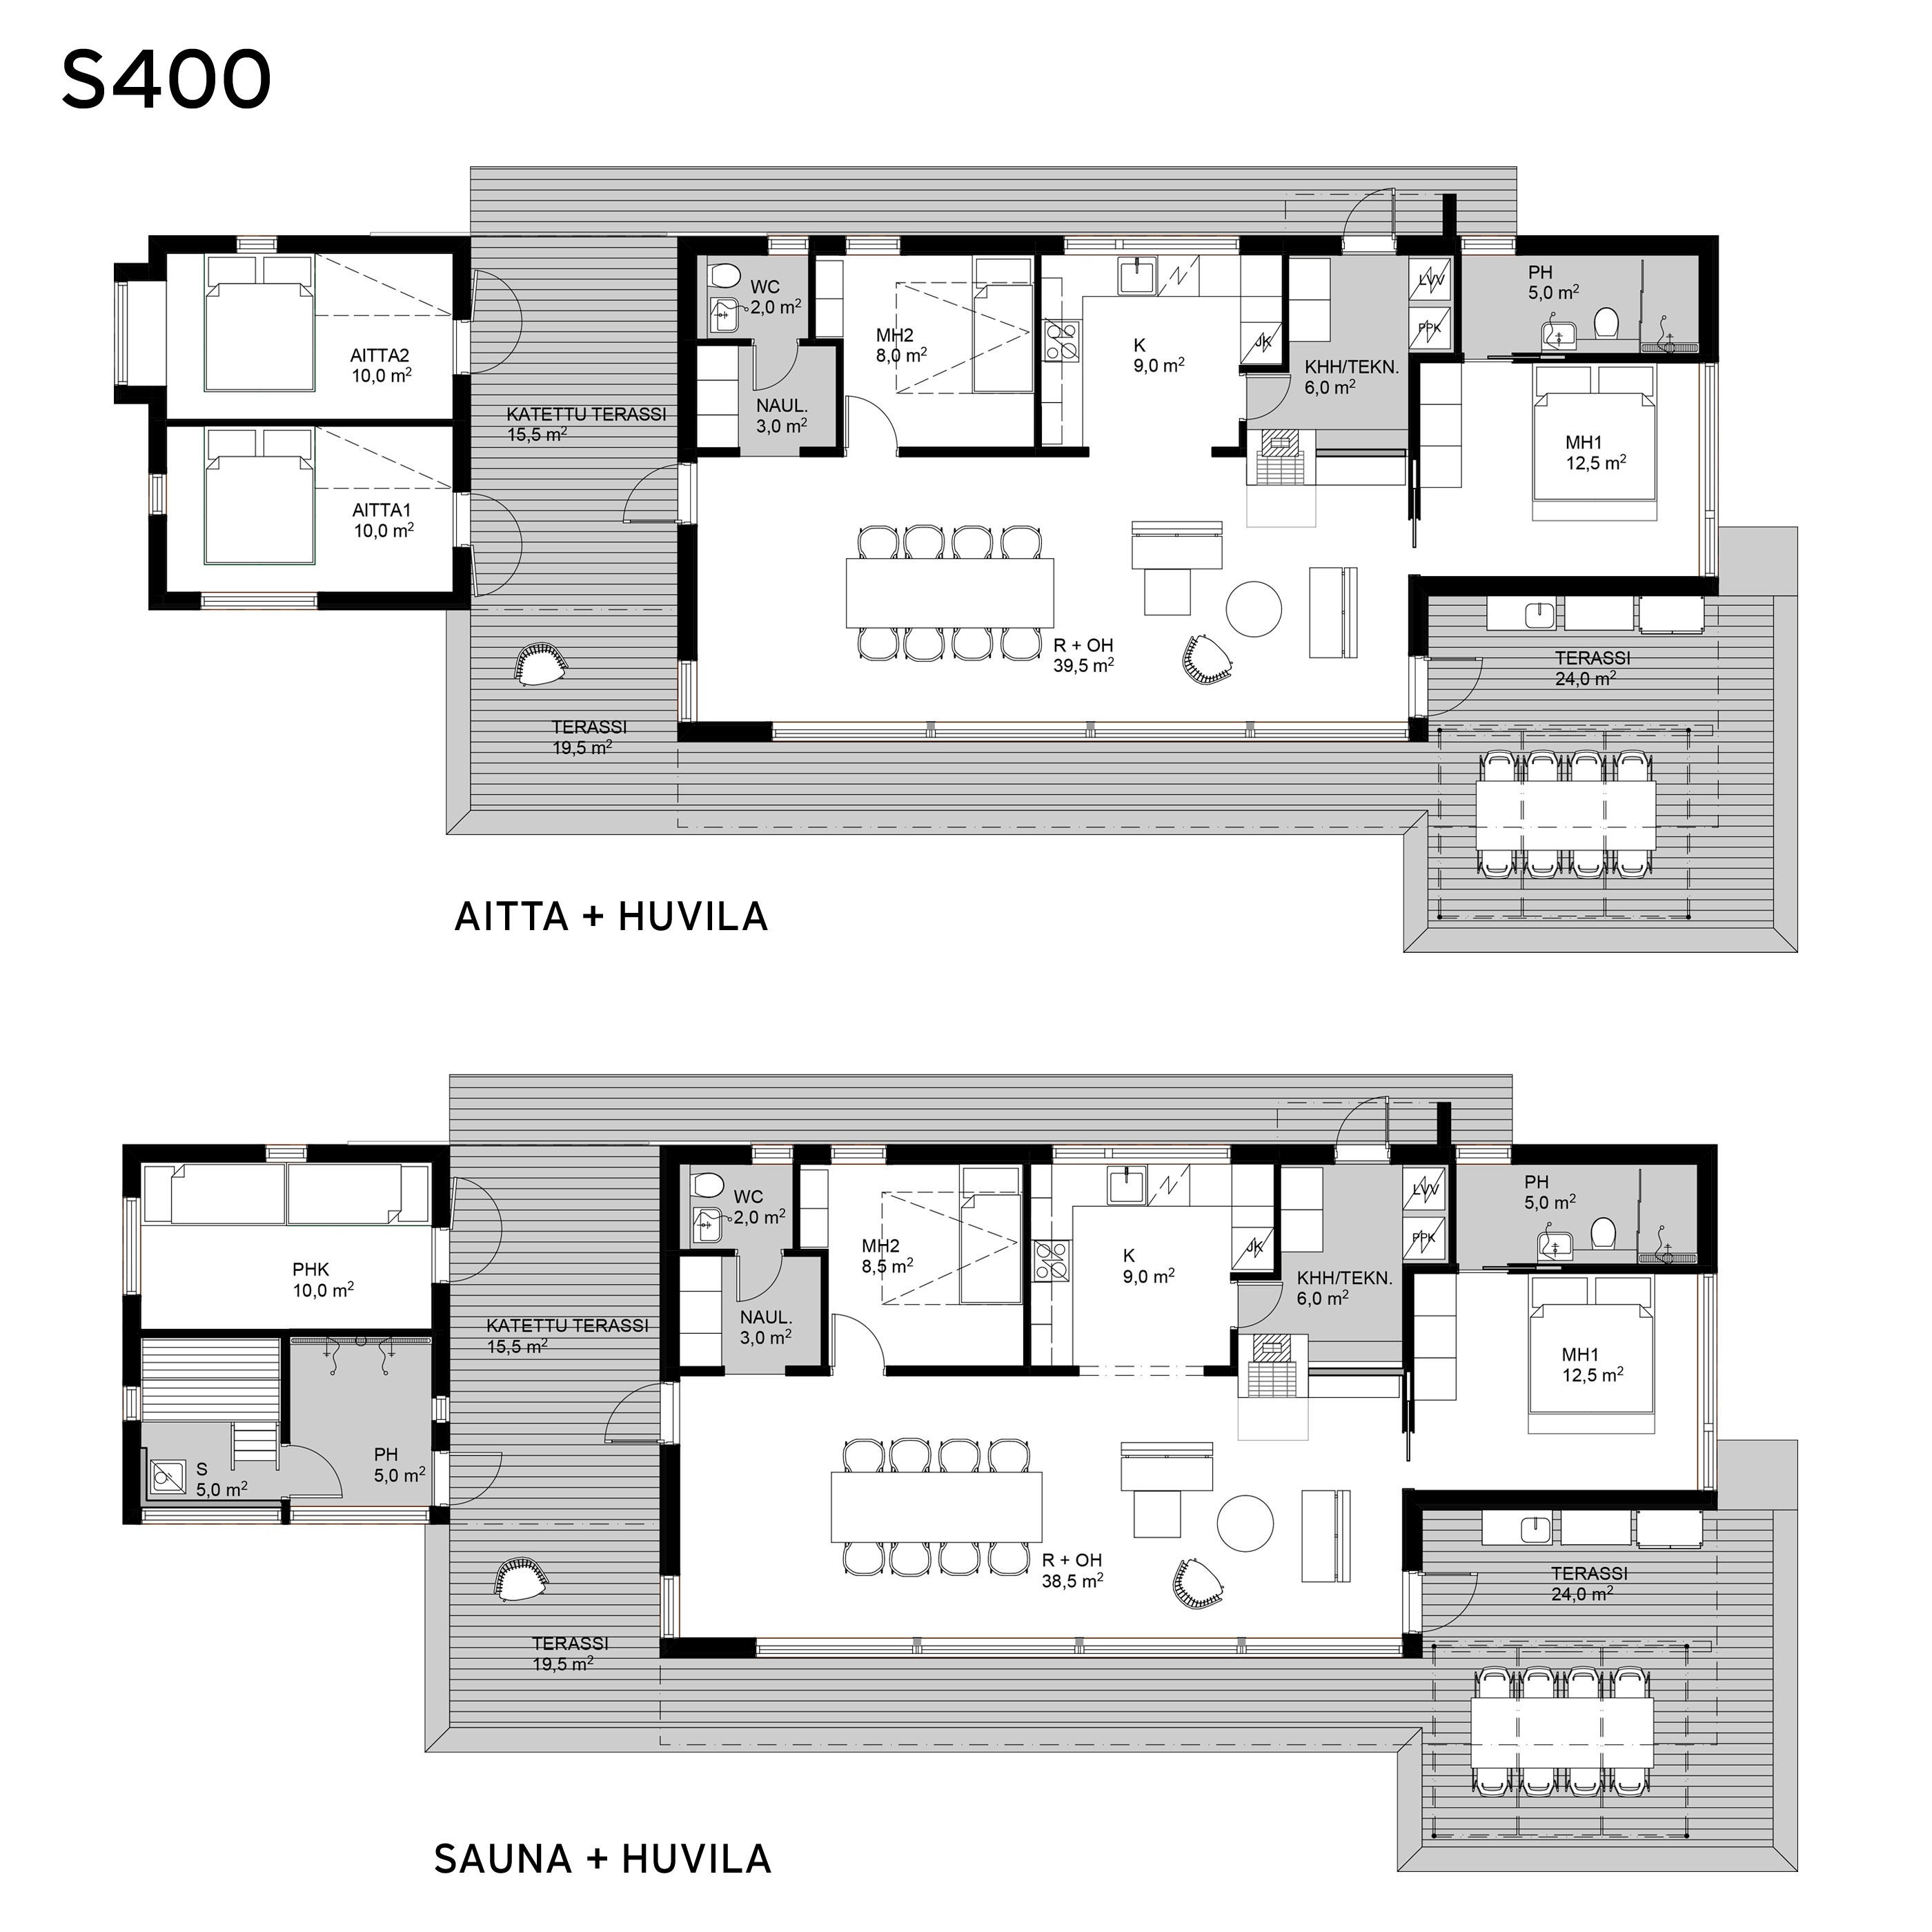 Sunhouse moderni mökki S400